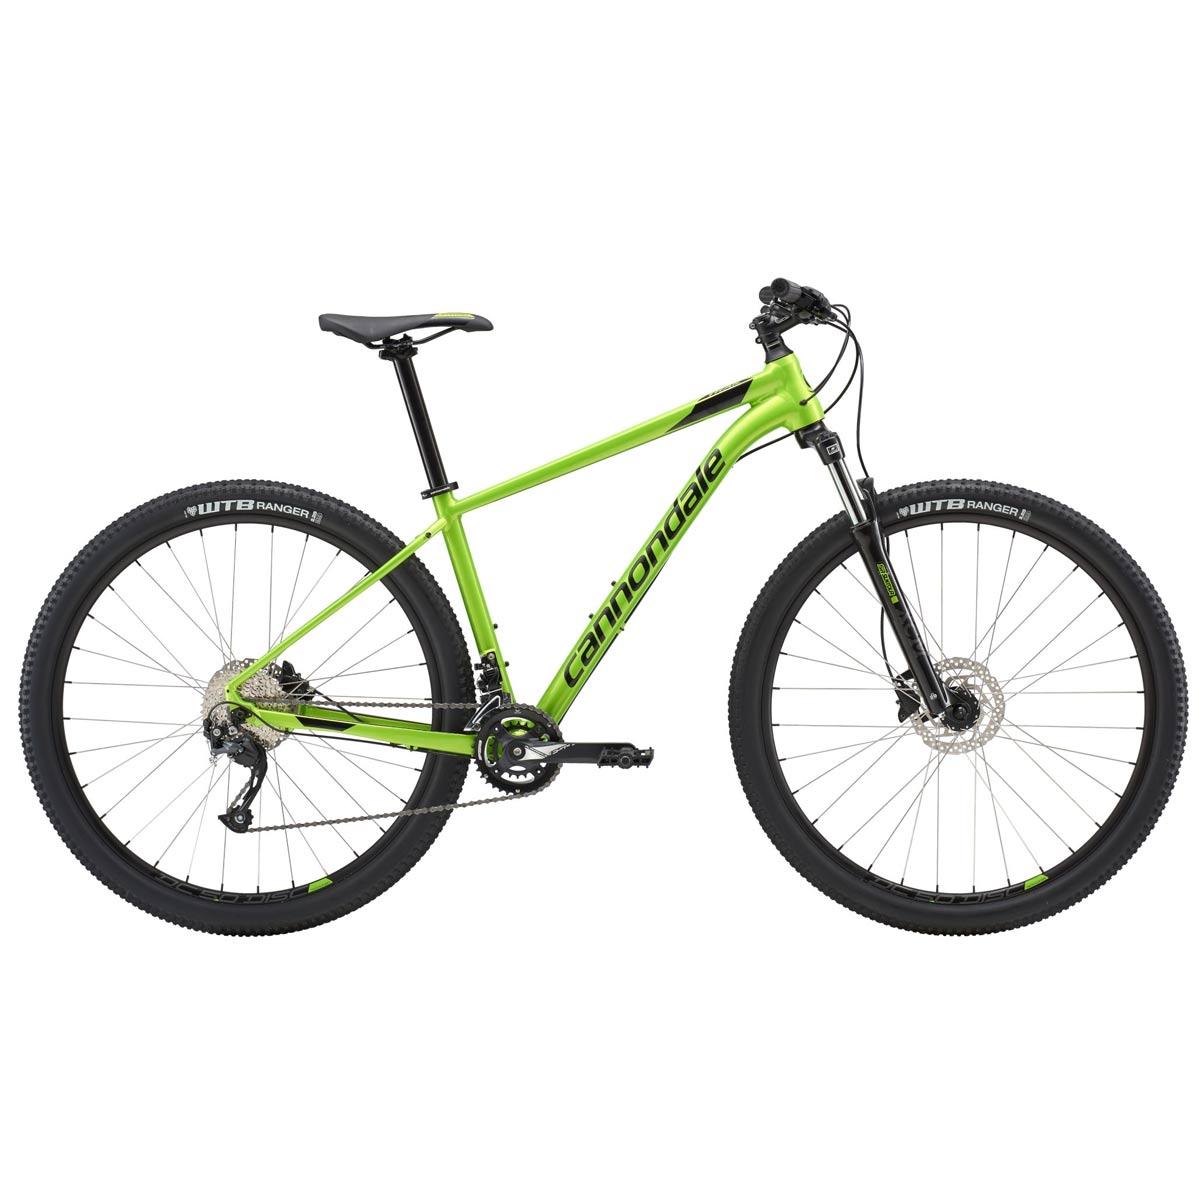 Cannondale Trail 7 2018 Mountain Bike Xl